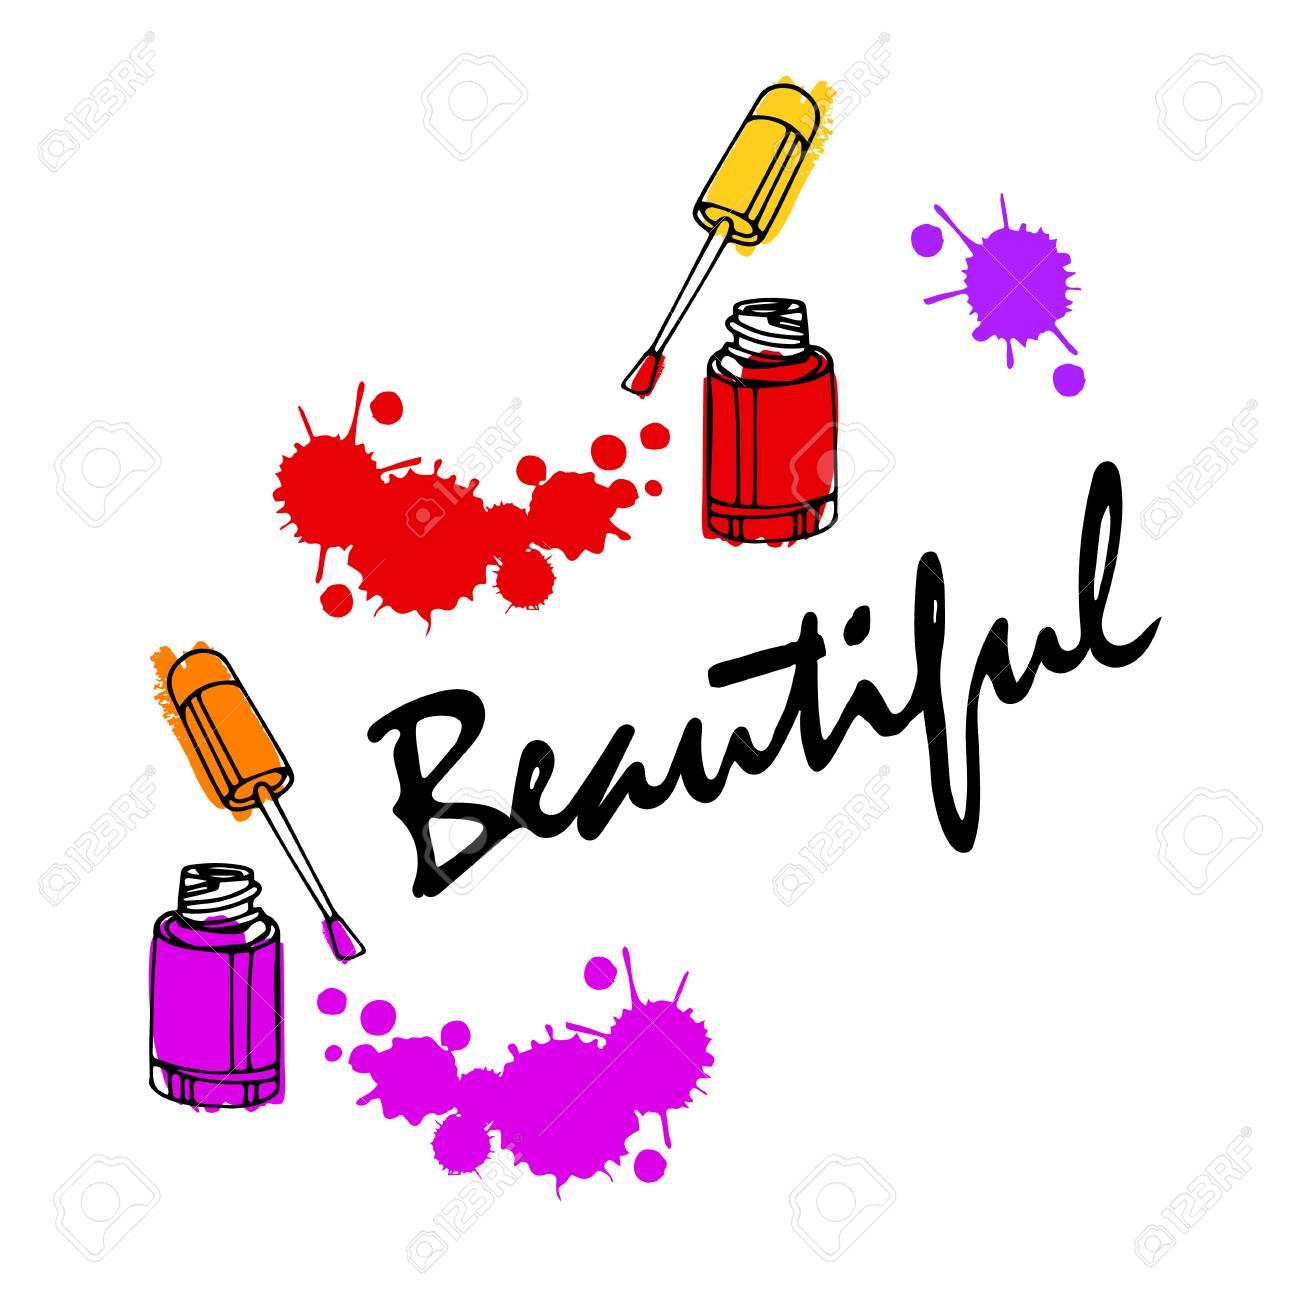 爪を磨く。マニキュアを描画します。ベクトル ネイル アート コンセプト イラスト。グラマー美容室ロゴの要素です。